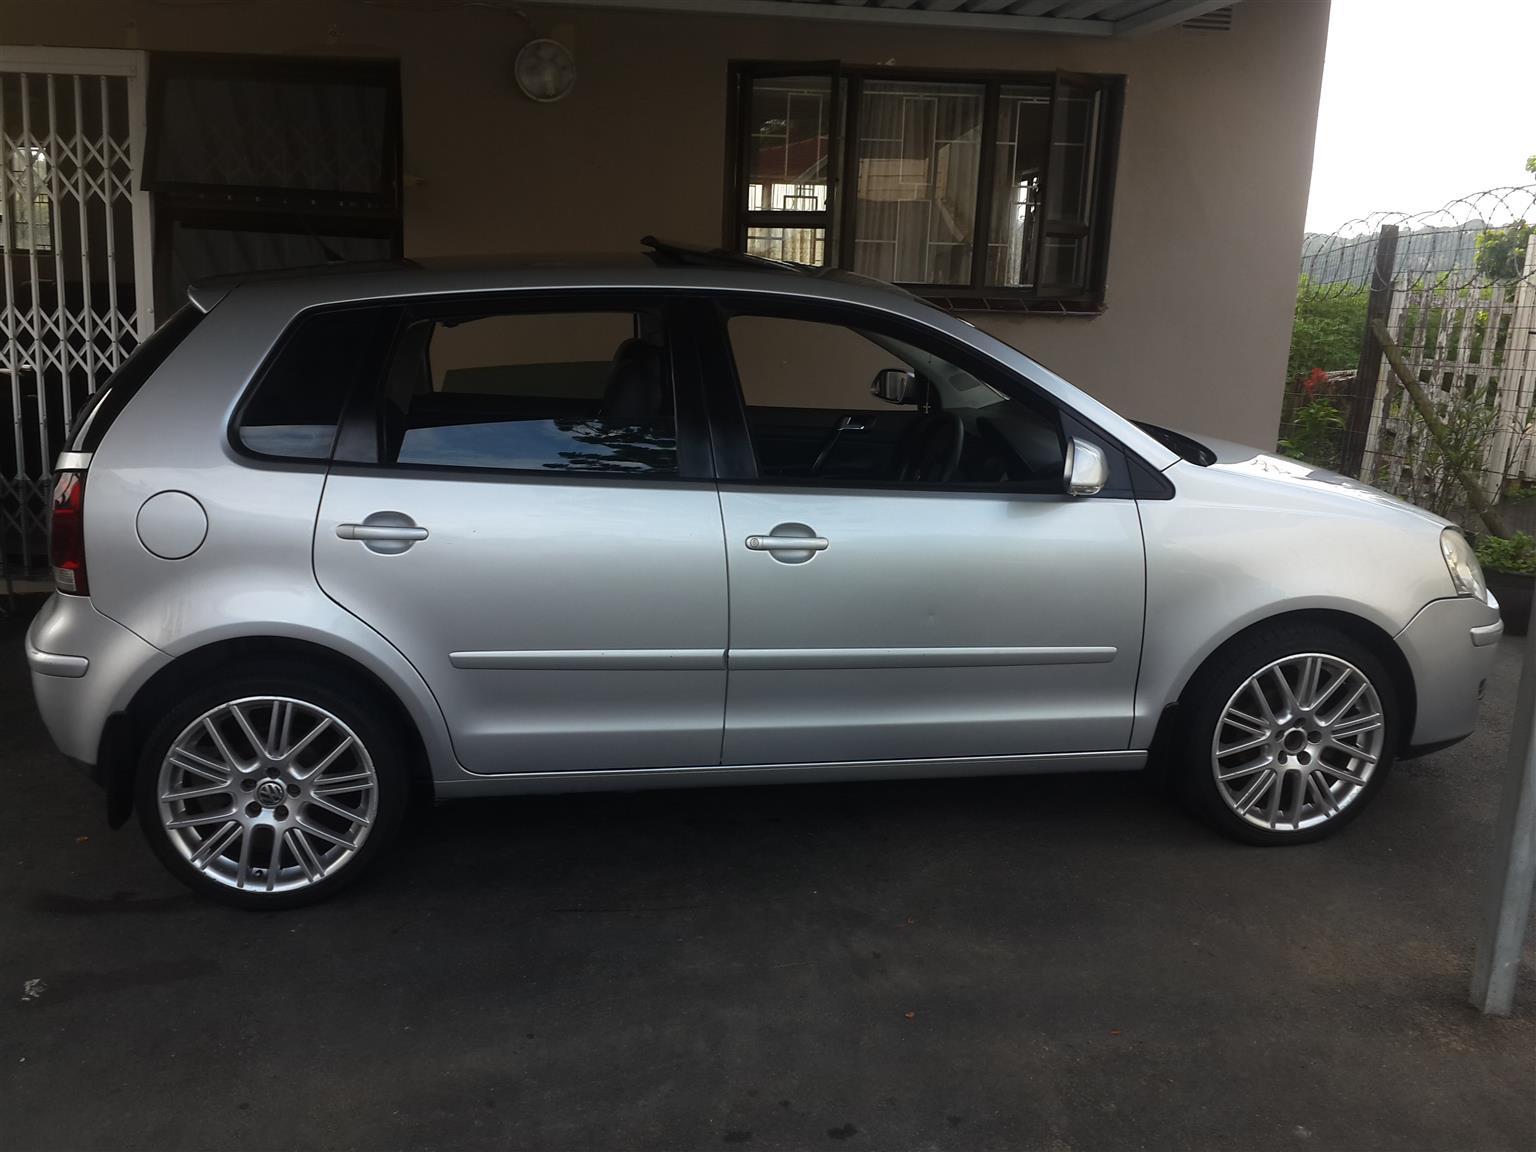 2008 VW Polo Vivo 5 door 1.6